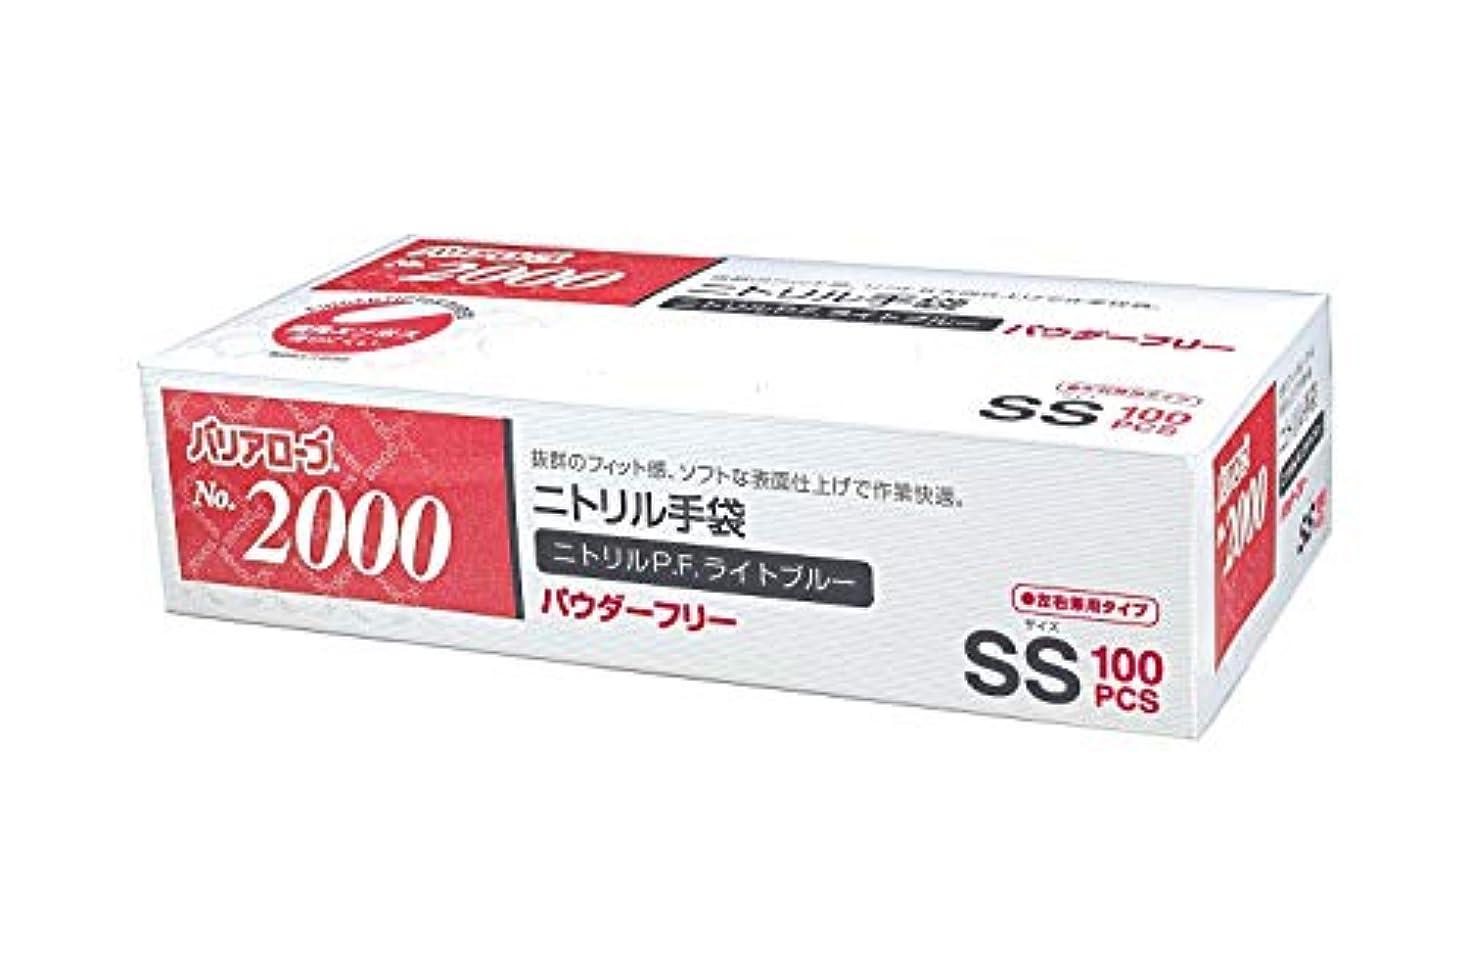 恨み添加上陸【ケース販売】 バリアローブ №2000 ニトリルP.F.ライト ブルー (パウダーフリー) SS 2000枚(100枚×20箱)